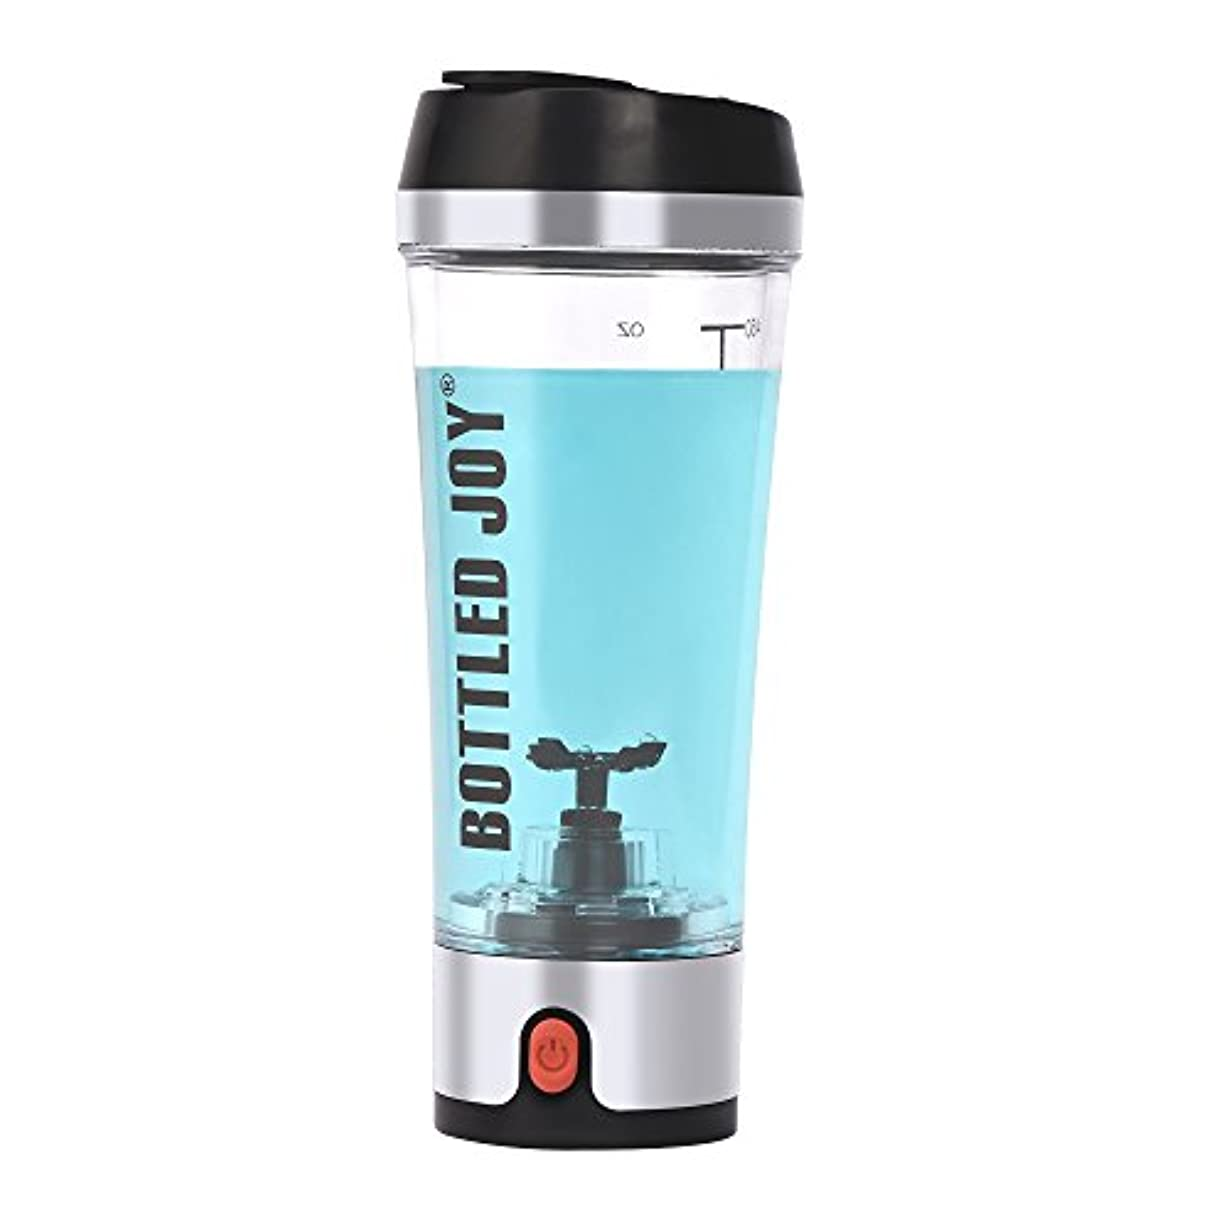 主張フライト留まるBottled Joy Electric Shaker Bottle、USB Rechargeable Protein Shaker、high-torque Stirring Blenderミキサーのスポーツマンと女性16oz...